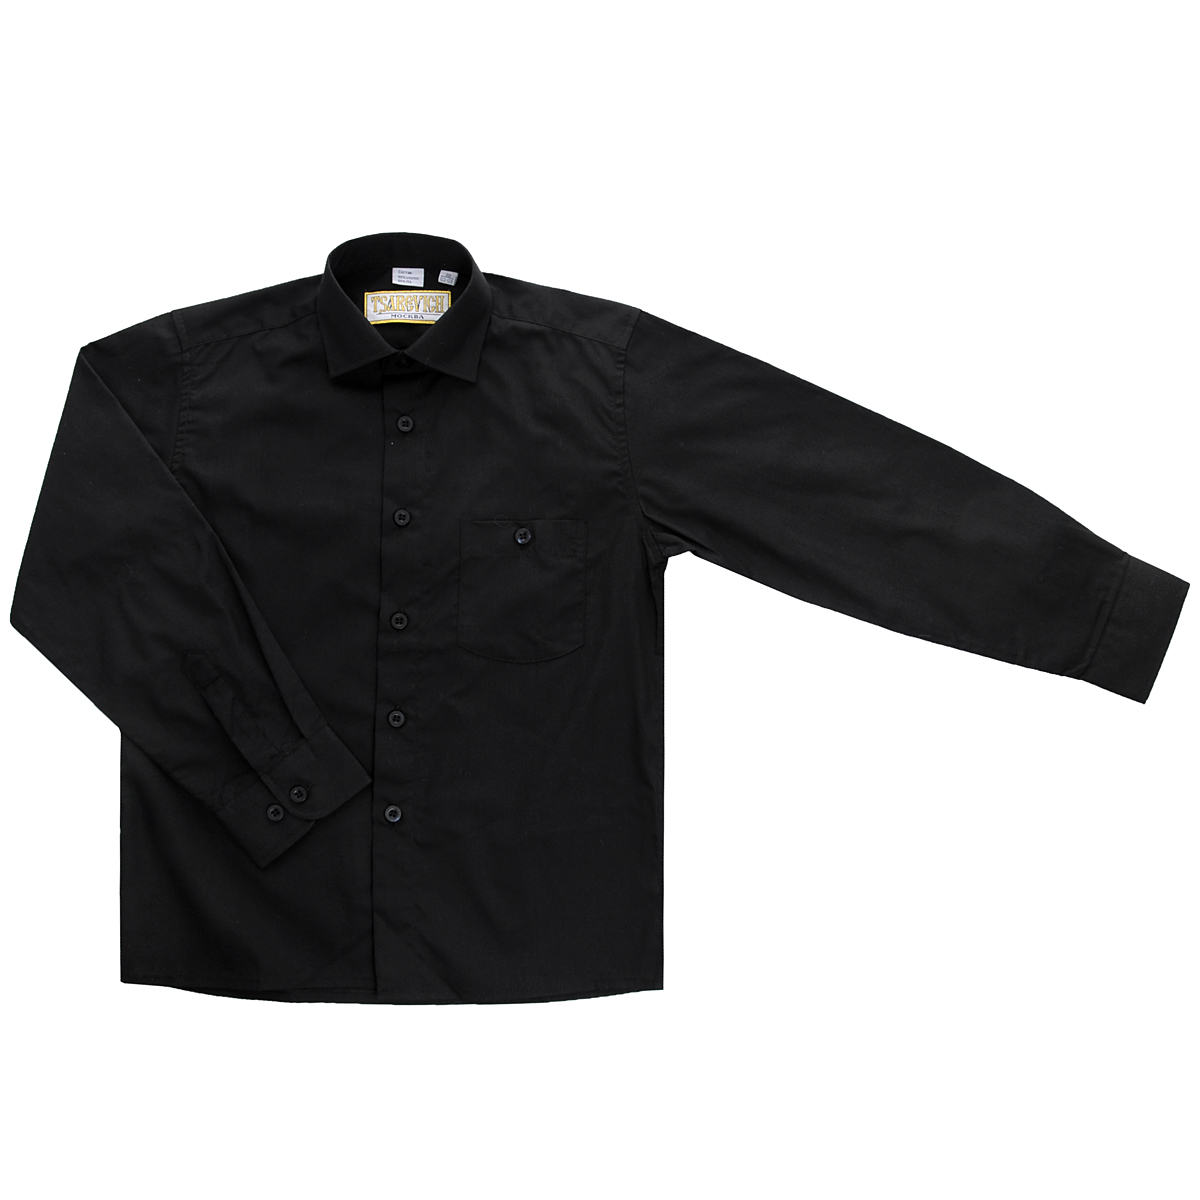 Рубашка для мальчика Tsarevich, цвет: черный. DF420. Размер 32/140-146, 9-10 летDF420Стильная рубашка для мальчика Tsarevich идеально подойдет для школы. Изготовленная из хлопка с добавлением полиэстера, она необычайно мягкая, легкая и приятная на ощупь, не сковывает движения малыша и позволяет коже дышать, не раздражает даже самую нежную и чувствительную кожу ребенка, обеспечивая ему наибольший комфорт. Рубашка классического кроя с длинными рукавами и отложным воротничком застегивается на пуговицы, на груди она дополнена небольшим накладным кармашком на пуговице. Рукава имеют широкие манжеты, также застегивающиеся на пуговицу.Такая рубашка - незаменимая вещь для школьной формы, отлично сочетается с брюками, жилетами и пиджаками.